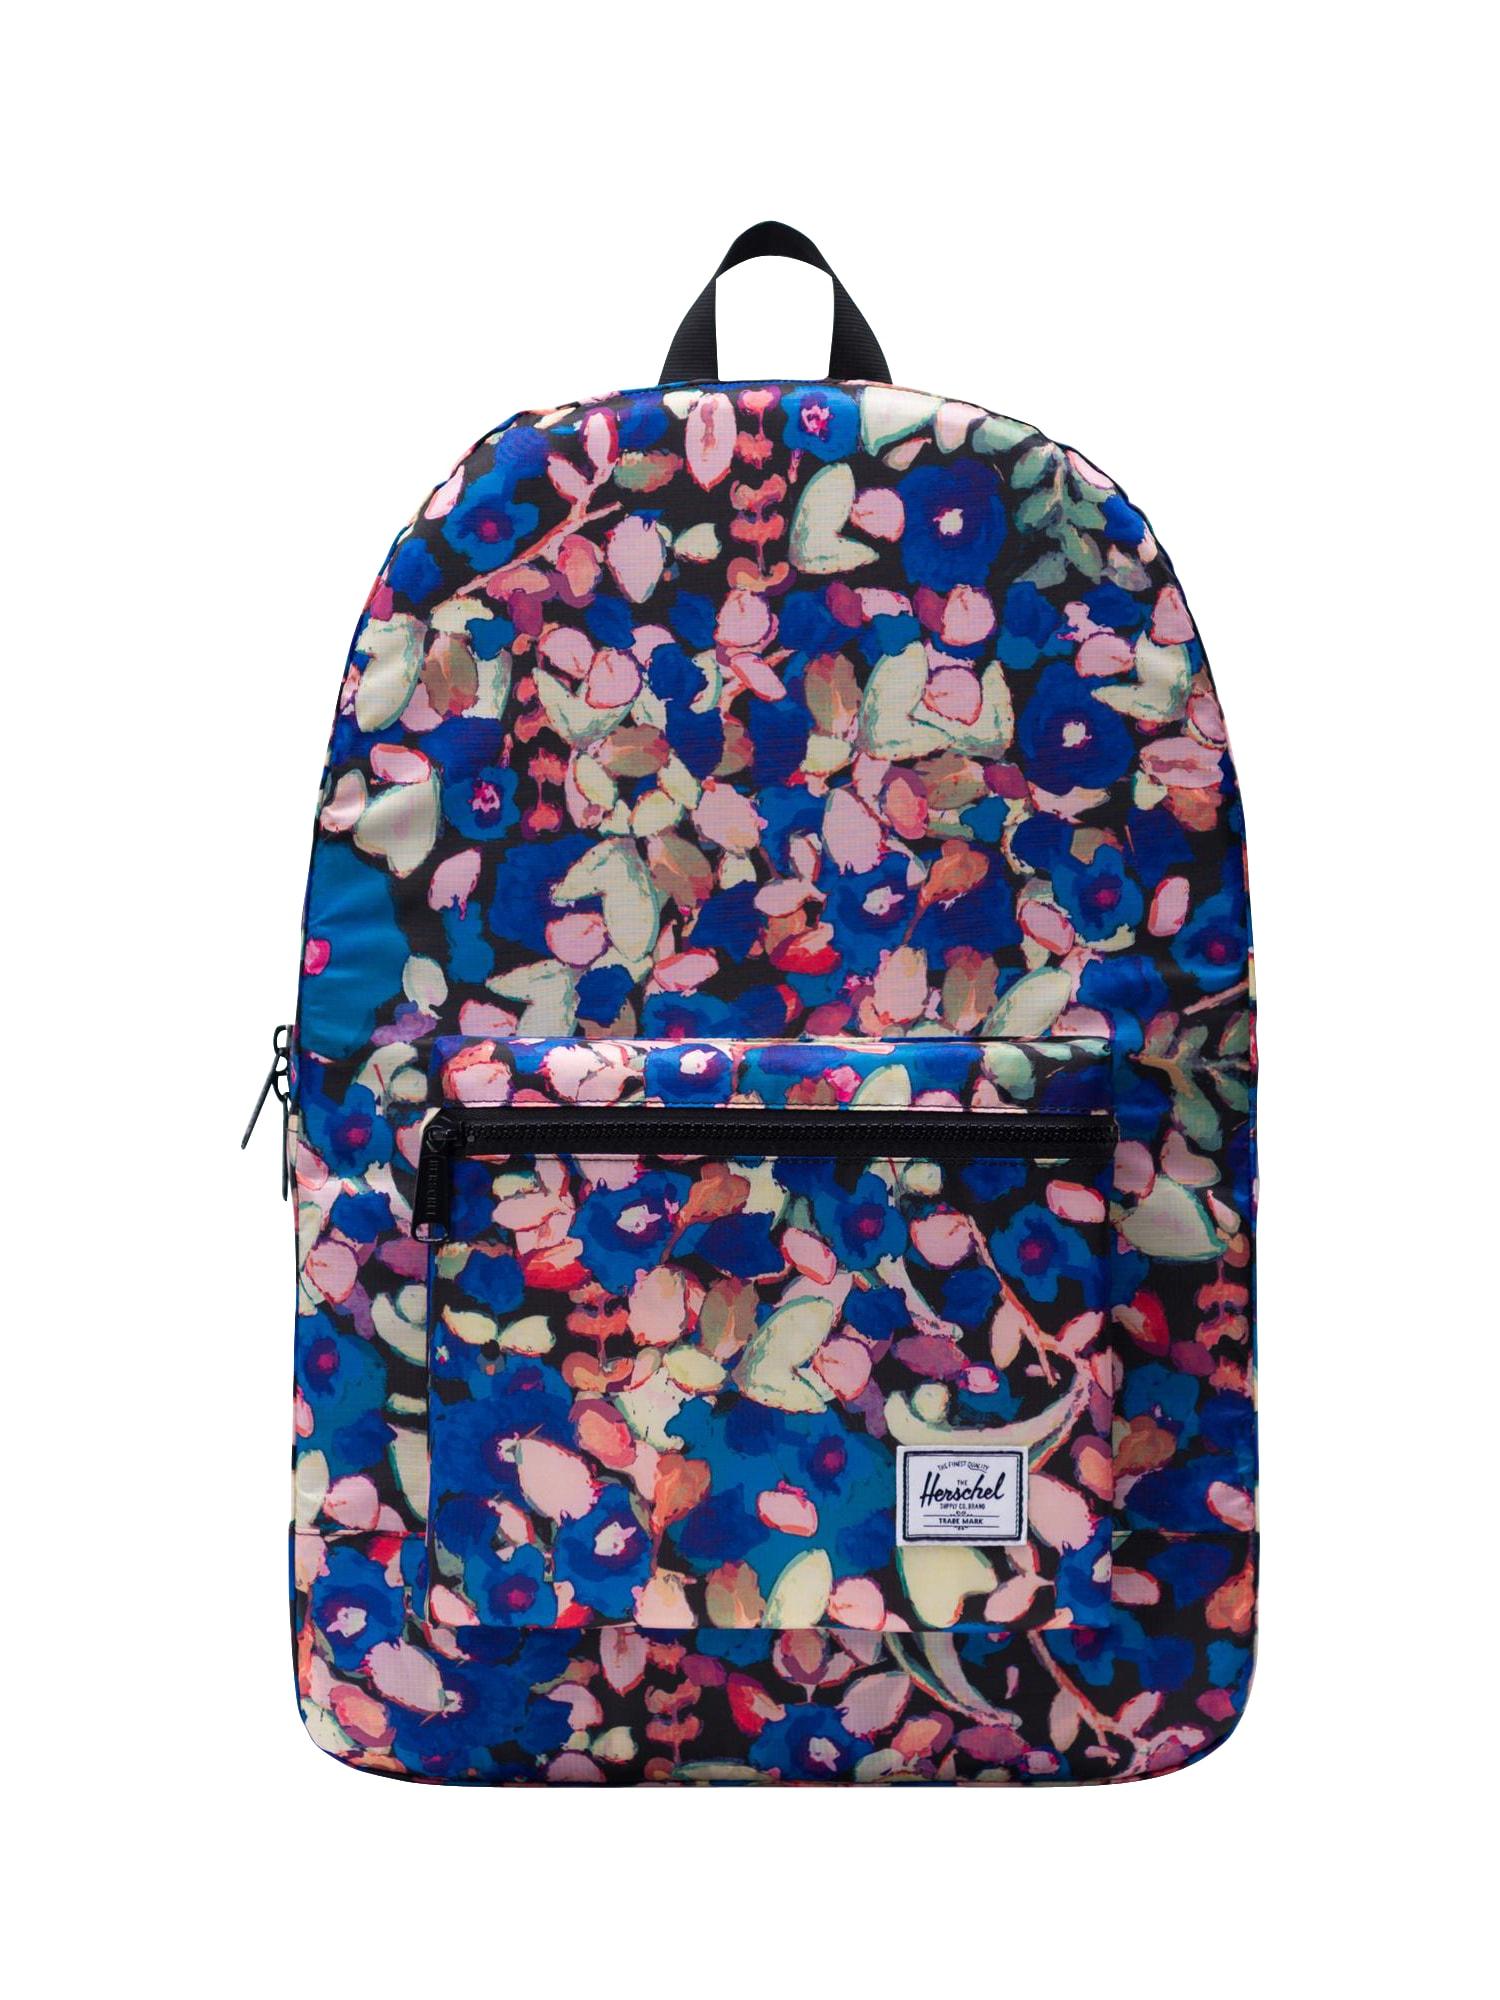 Batoh Packable Daypack mix barev Herschel